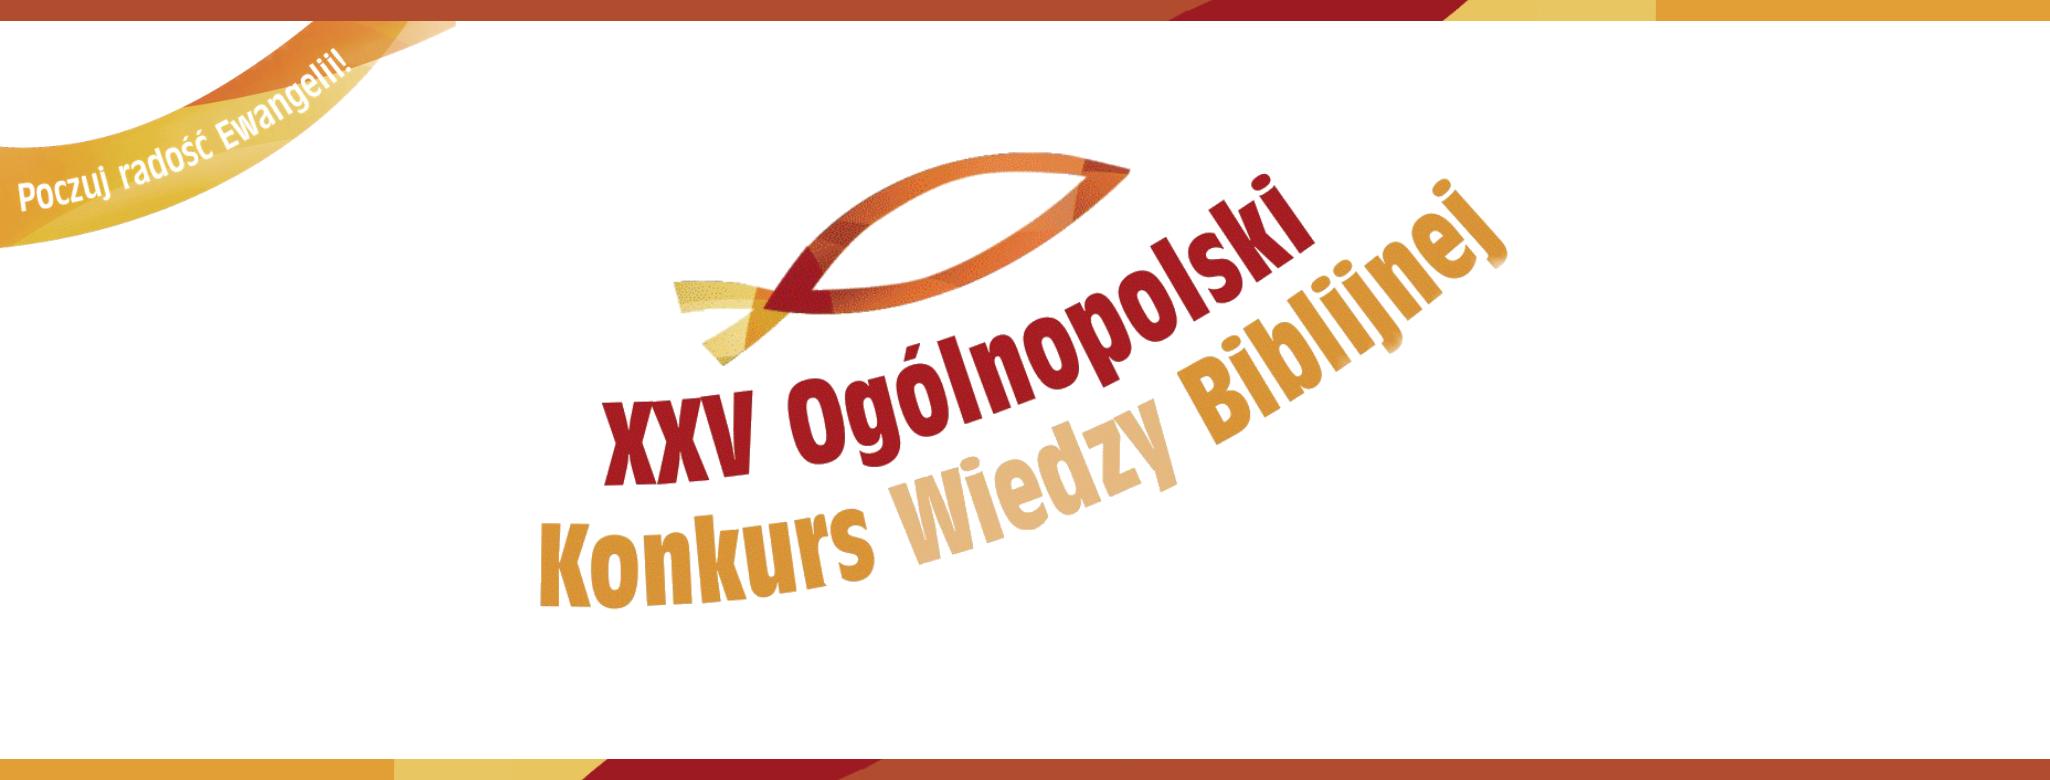 25_okwb_2021_logo.png